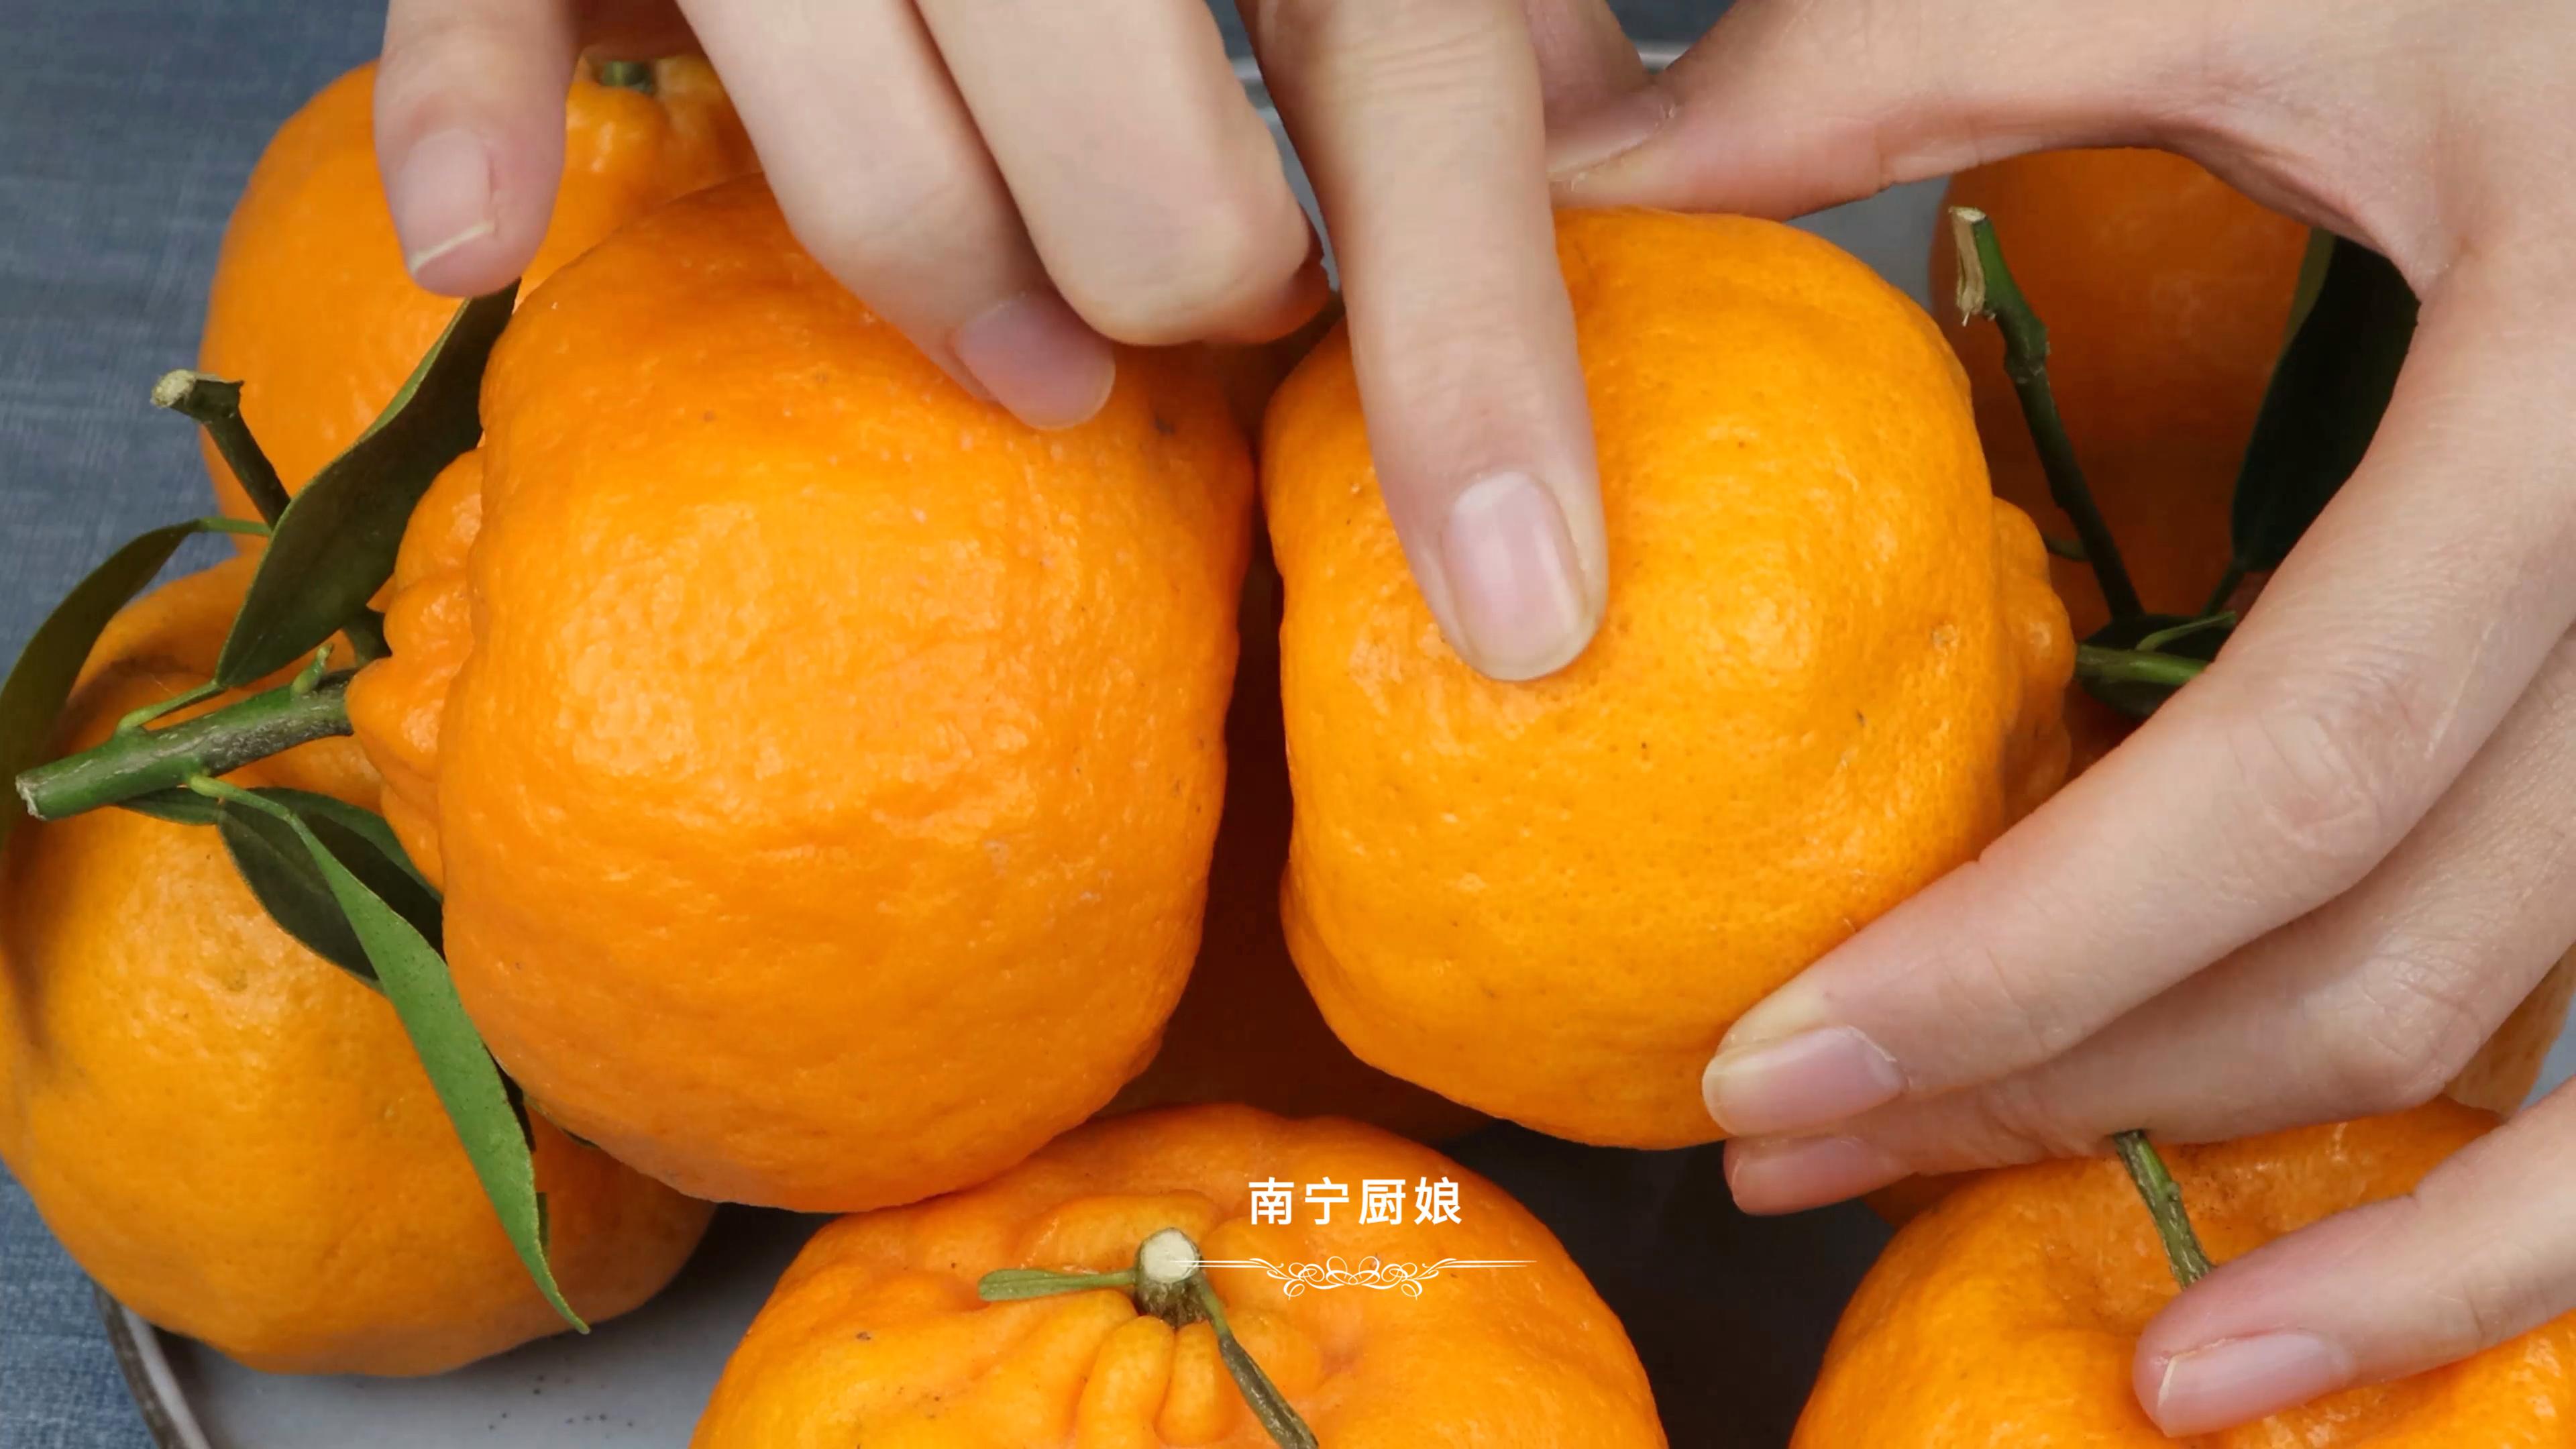 買醜橘時怎麼挑? 教你5個挑選方法,學會后買到的個個鮮甜又多汁